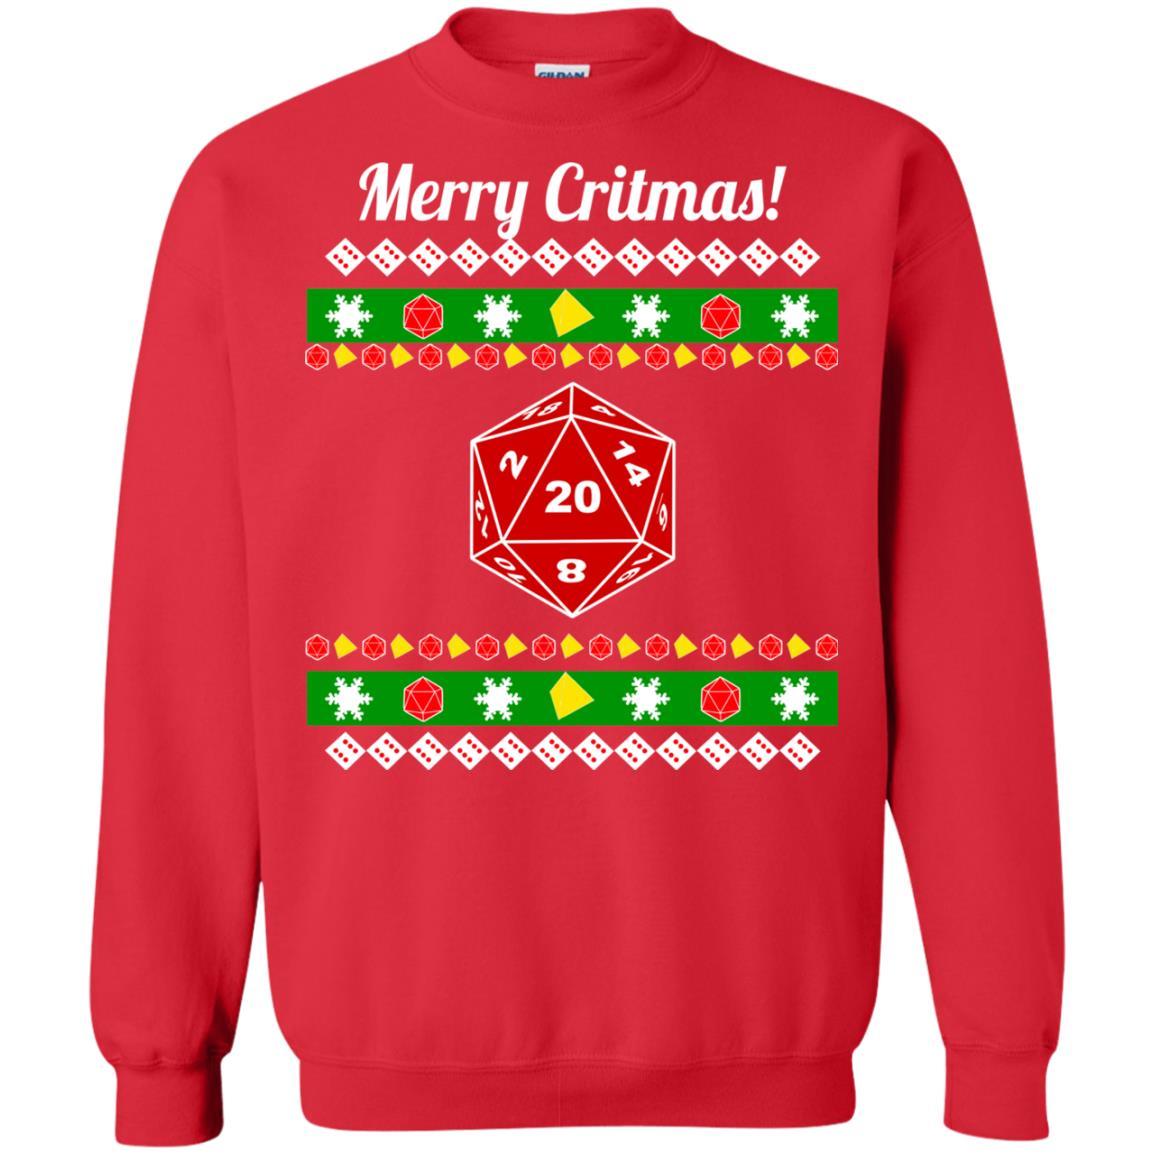 image 2211 - Merry Critmas Christmas ugly Sweatshirts, Long Sleeve